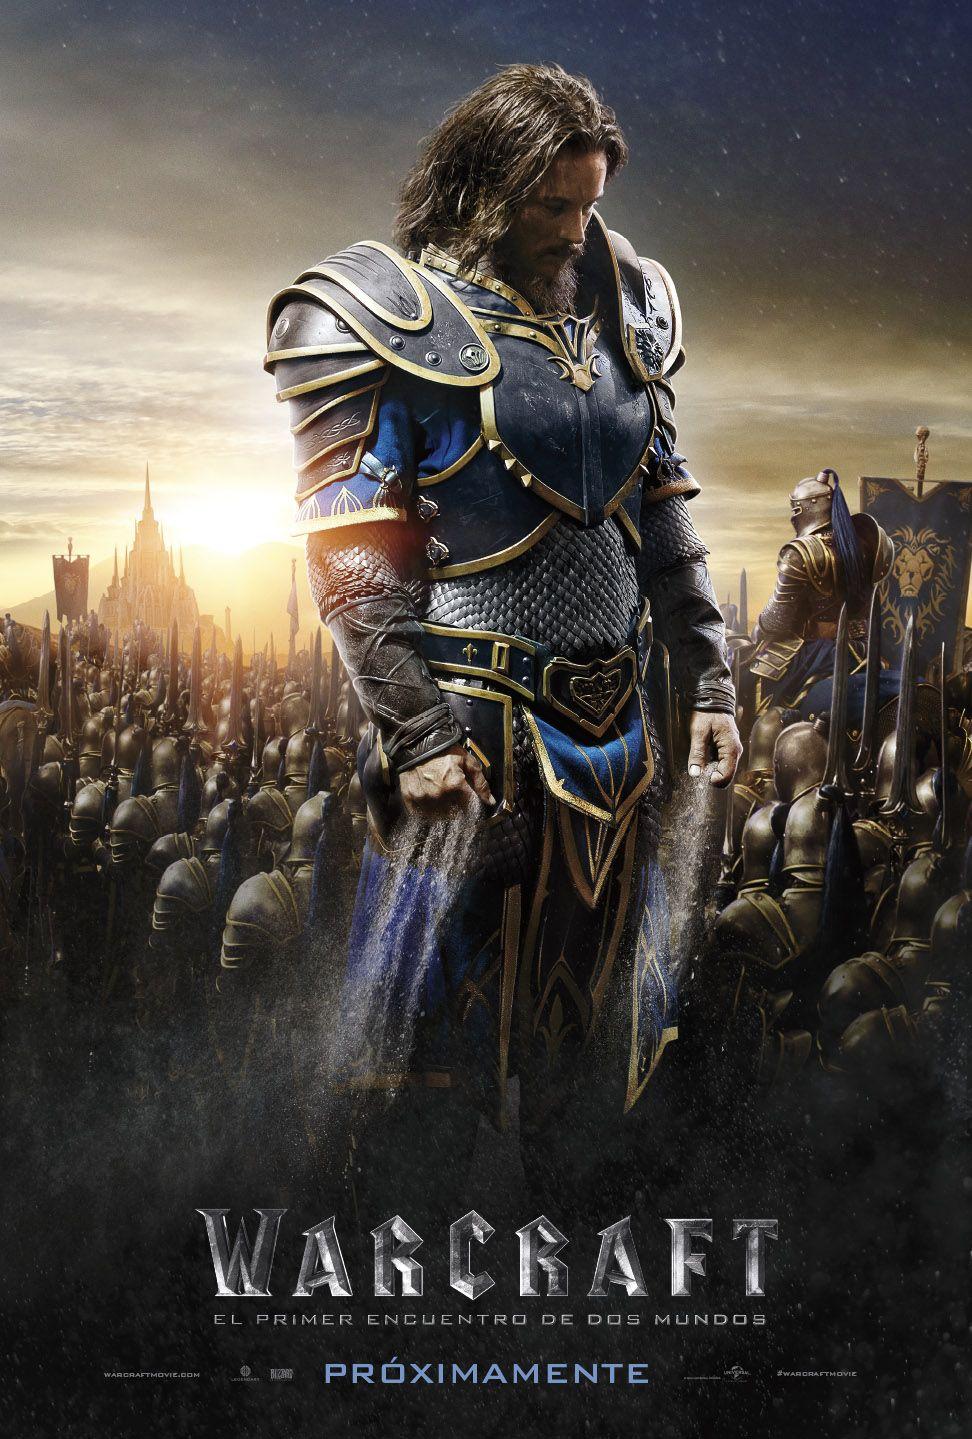 Warcraft El Primer Encuentro De Dos Mundos Ver Pelicula Gratis Warcraft Movie World Of Warcraft World Of Warcraft Movie